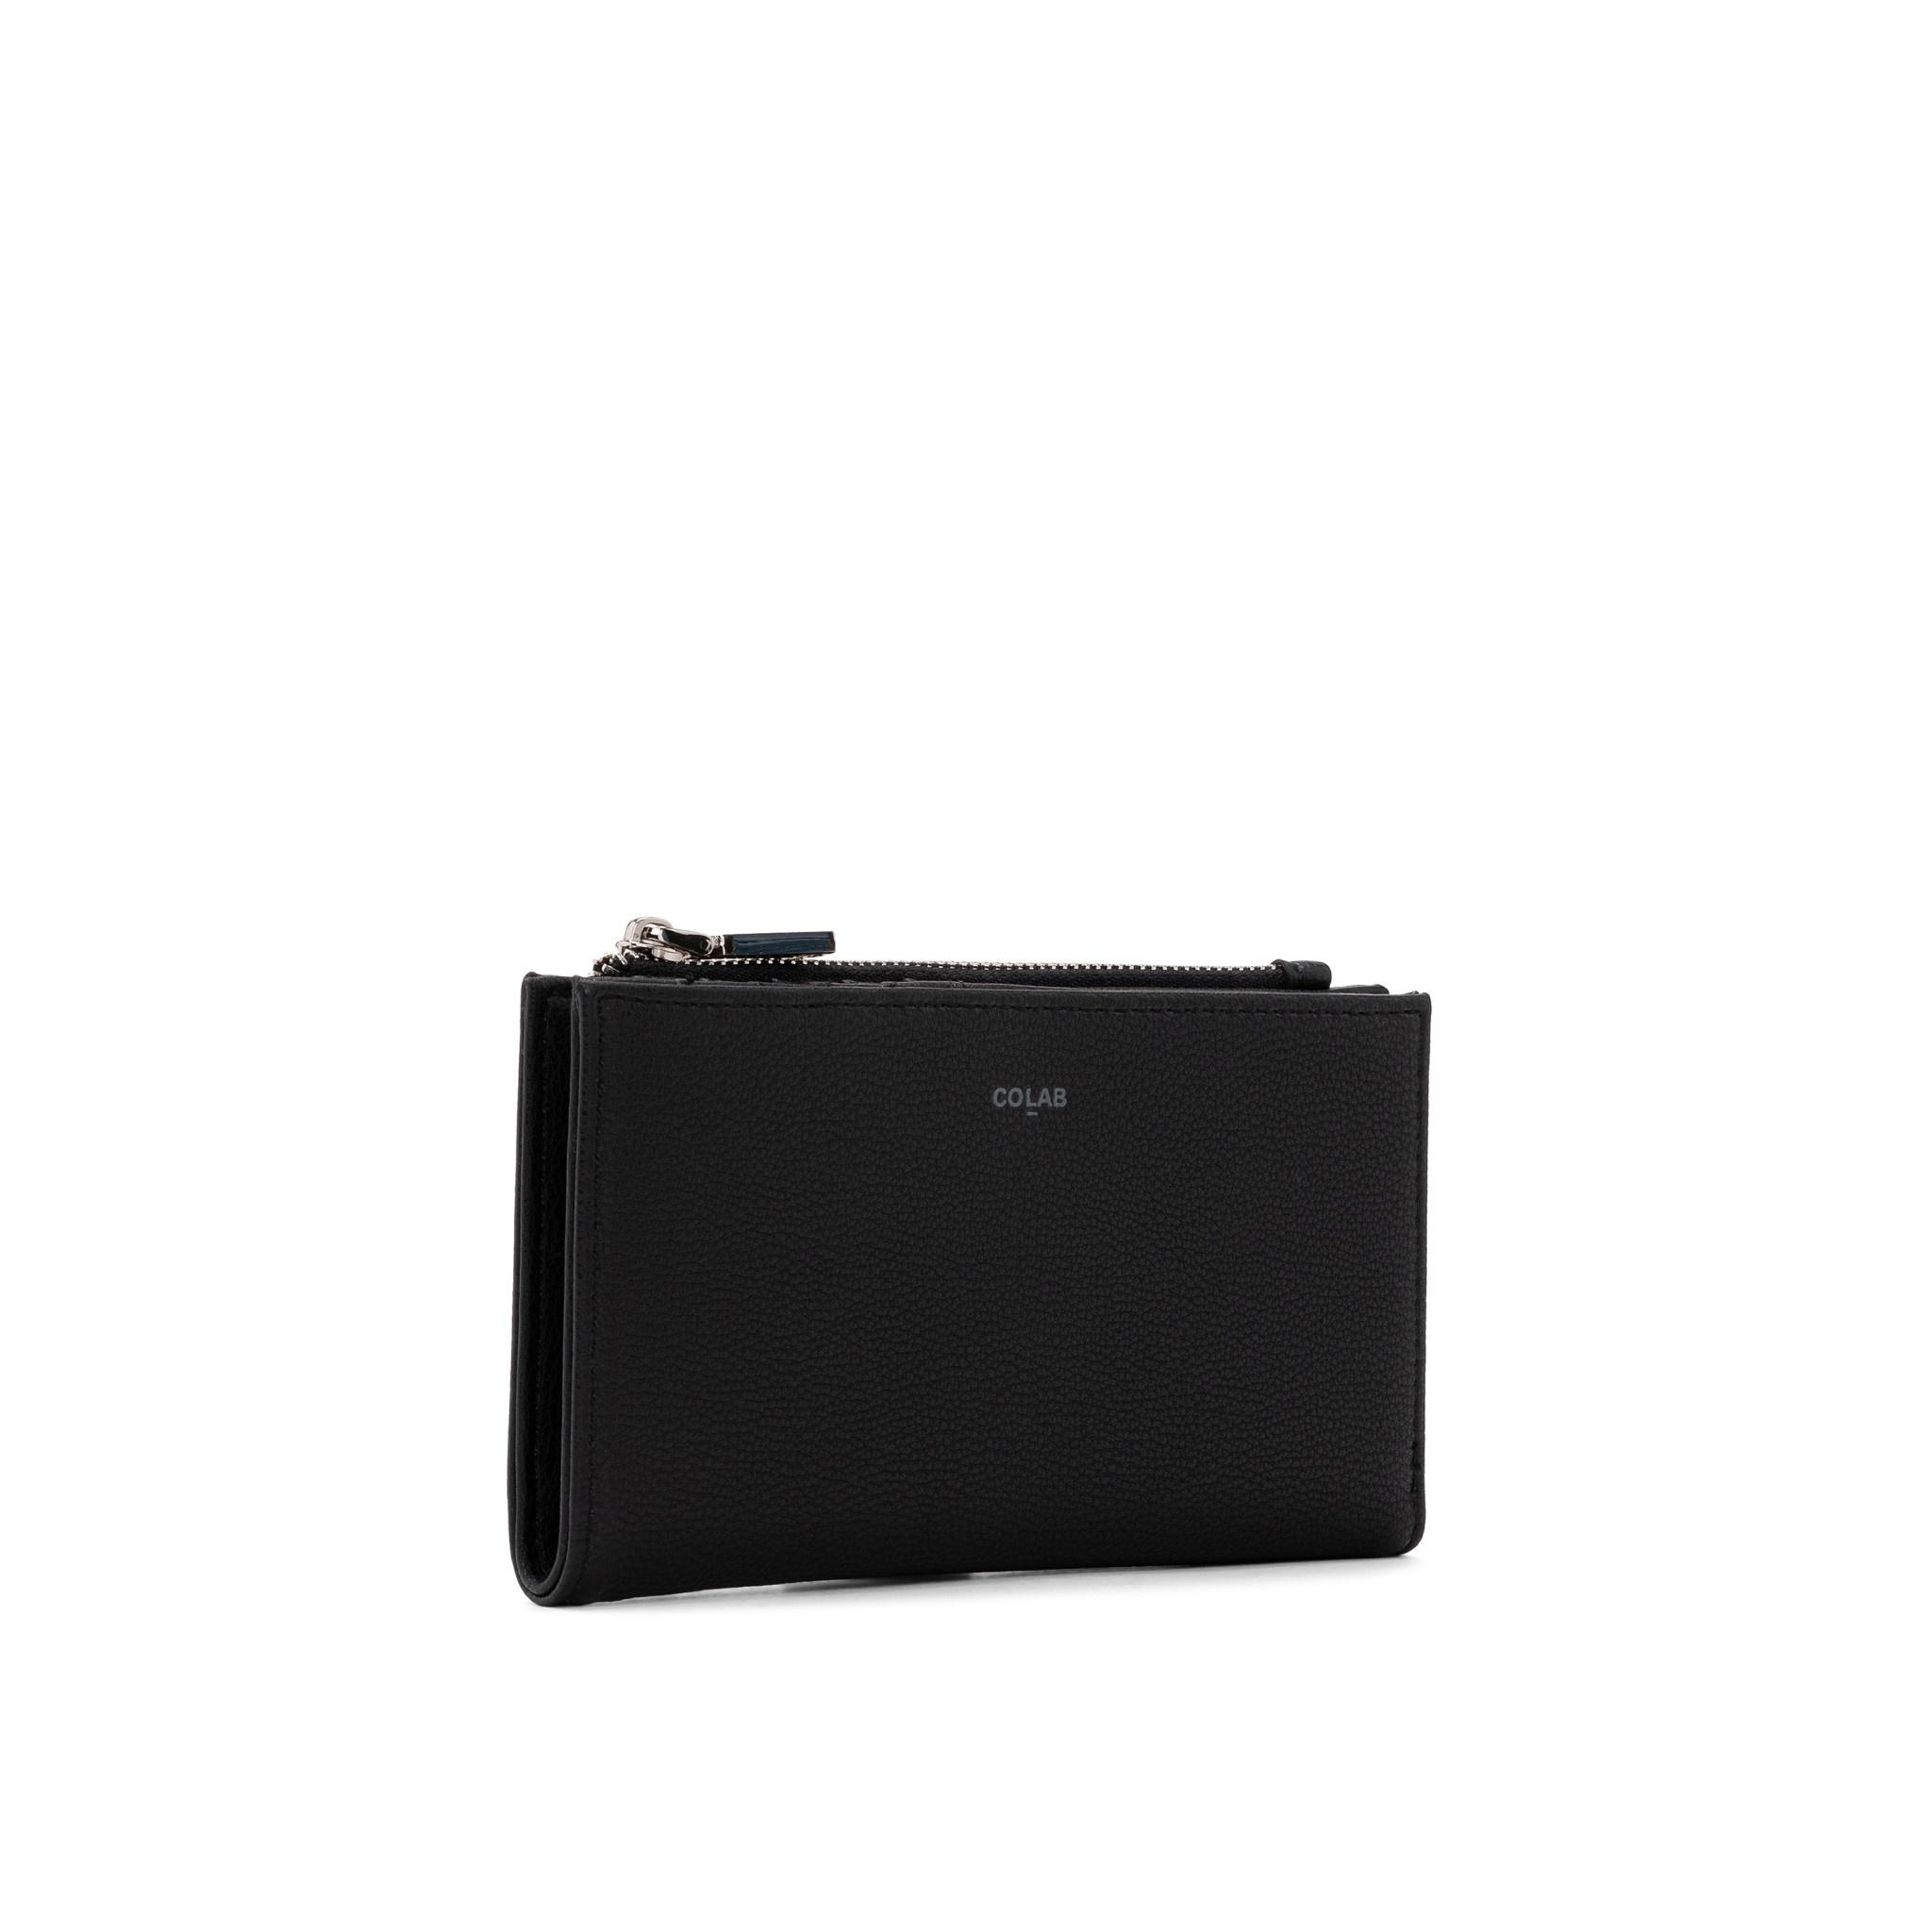 Colab Colab Pebble 2.0 Wallet (#6421) - Black